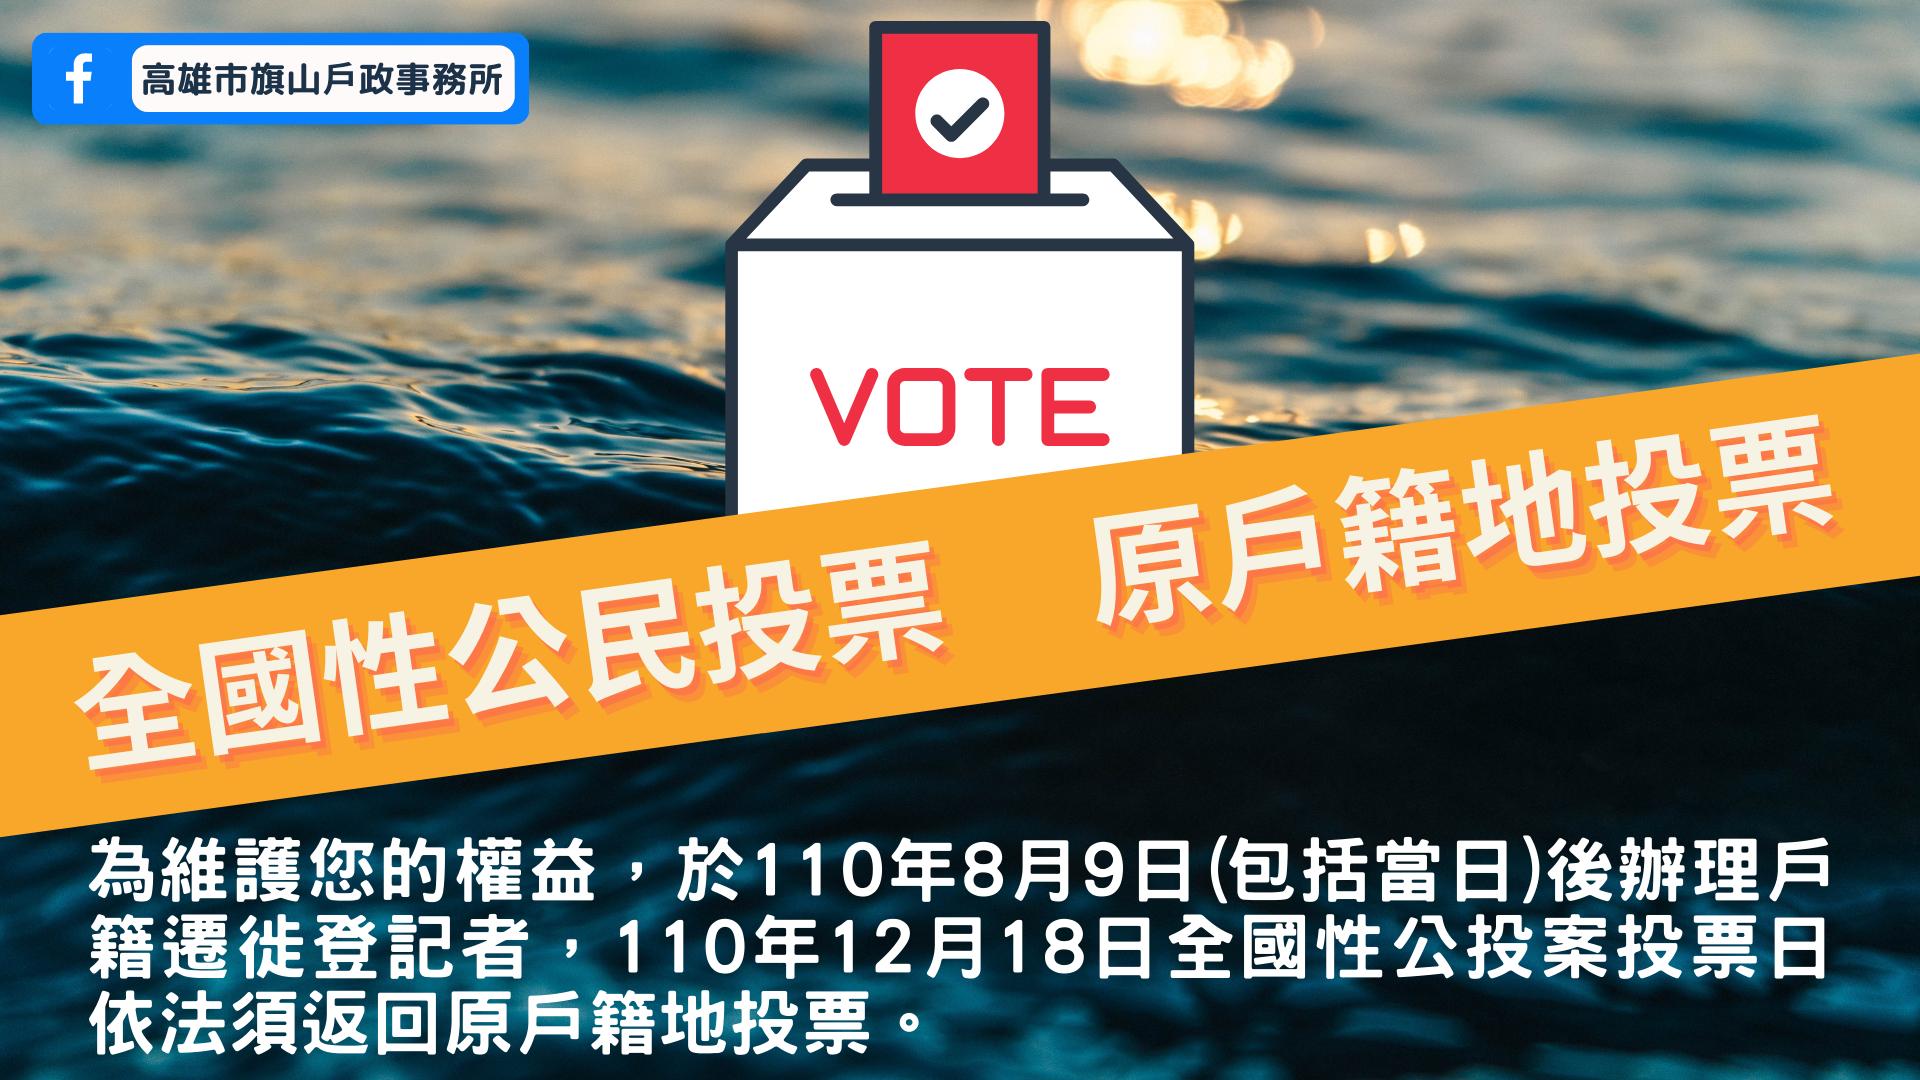 全國性公民投票回戶籍地投票